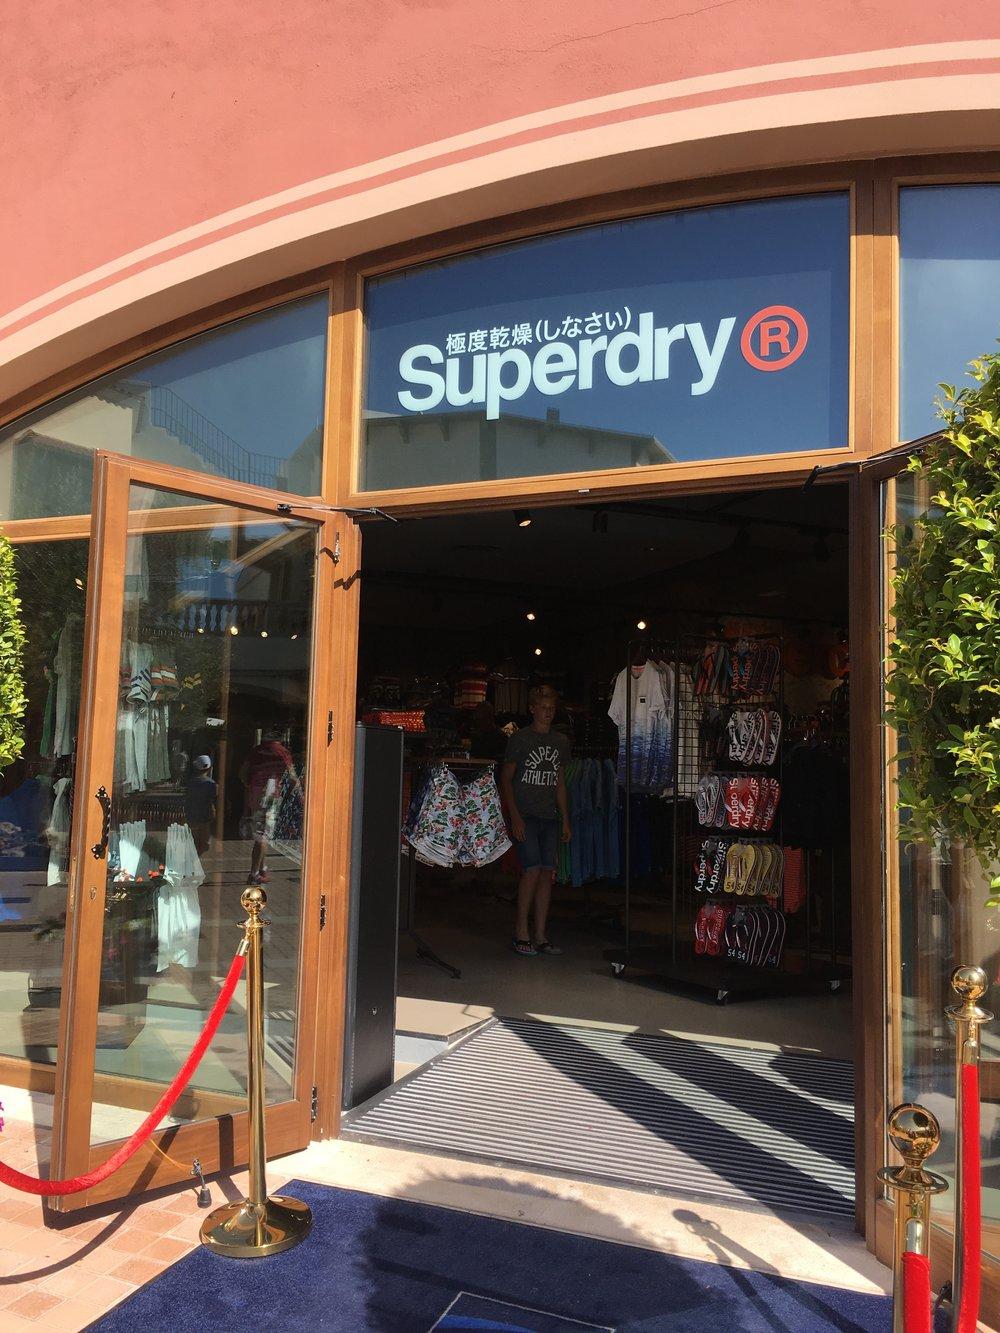 superdry.retail.architecture05.JPG